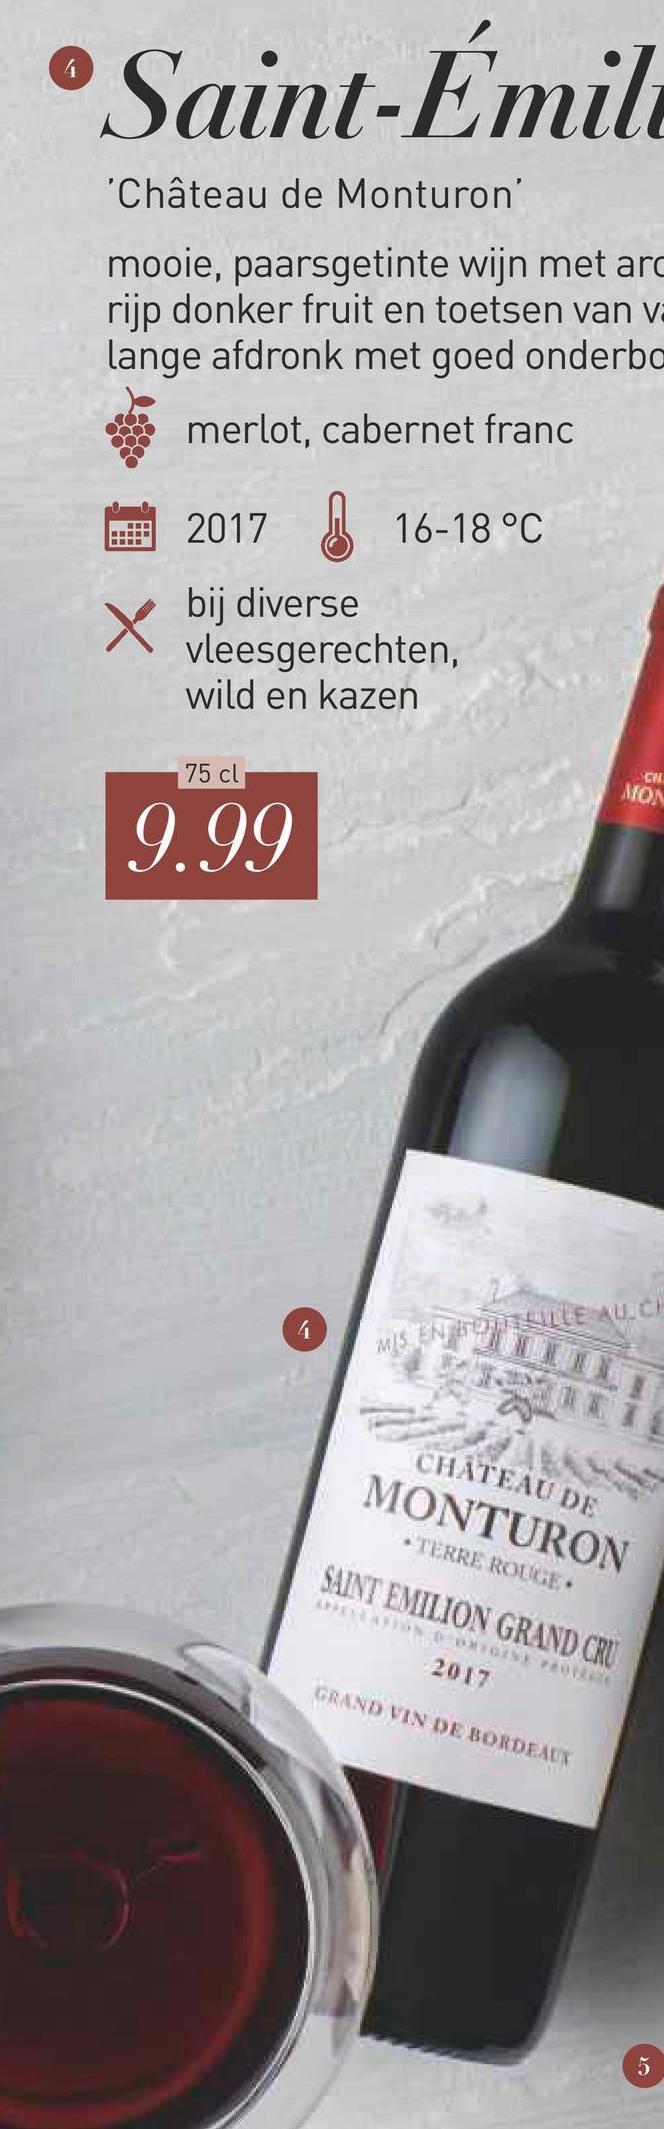 •Saint-Émil 'Château de Monturon' mooie, paarsgetinte wijn met arc rijp donker fruit en toetsen van va lange afdronk met goed onderbo merlot, cabernet franc 2017 S 16-18 °C bij diverse vleesgerechten, wild en kazen 75 cl 9.99 MEENLILLE CHÂTEAU DE MONTURON • TERRE ROUE SAINT EMILION GRAND CRU 2017 GRAND VIN DE BORDEAUX